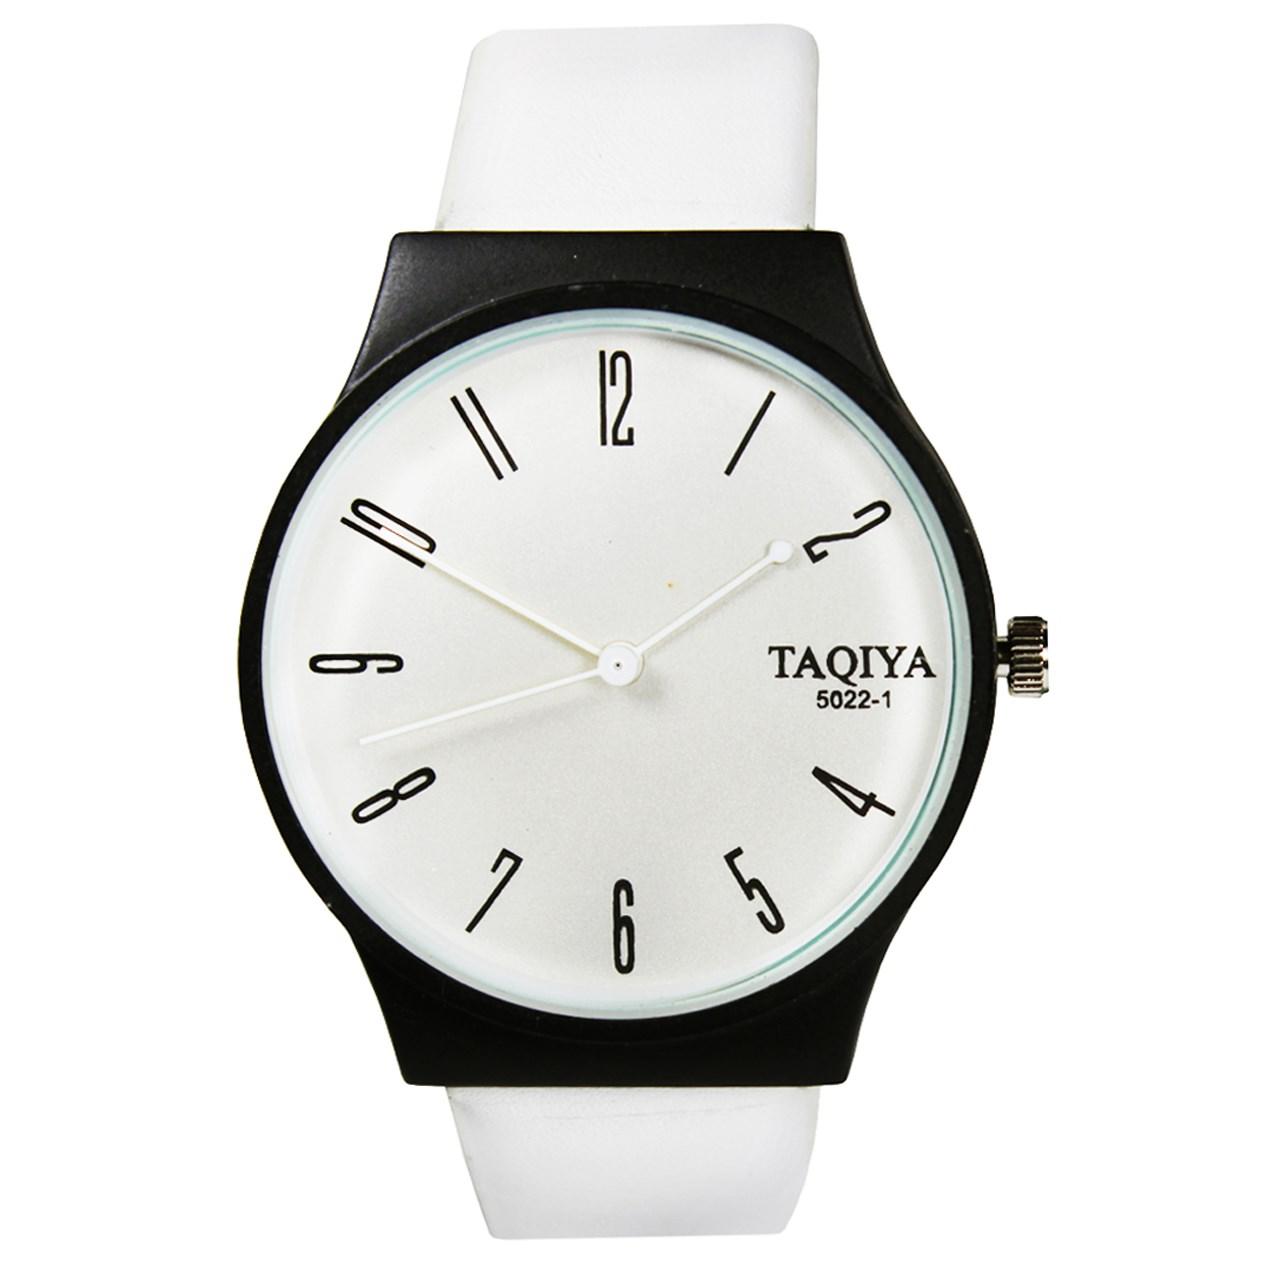 ساعت مچی عقربه ای مردانه و زنانه مدل تاکیا 42